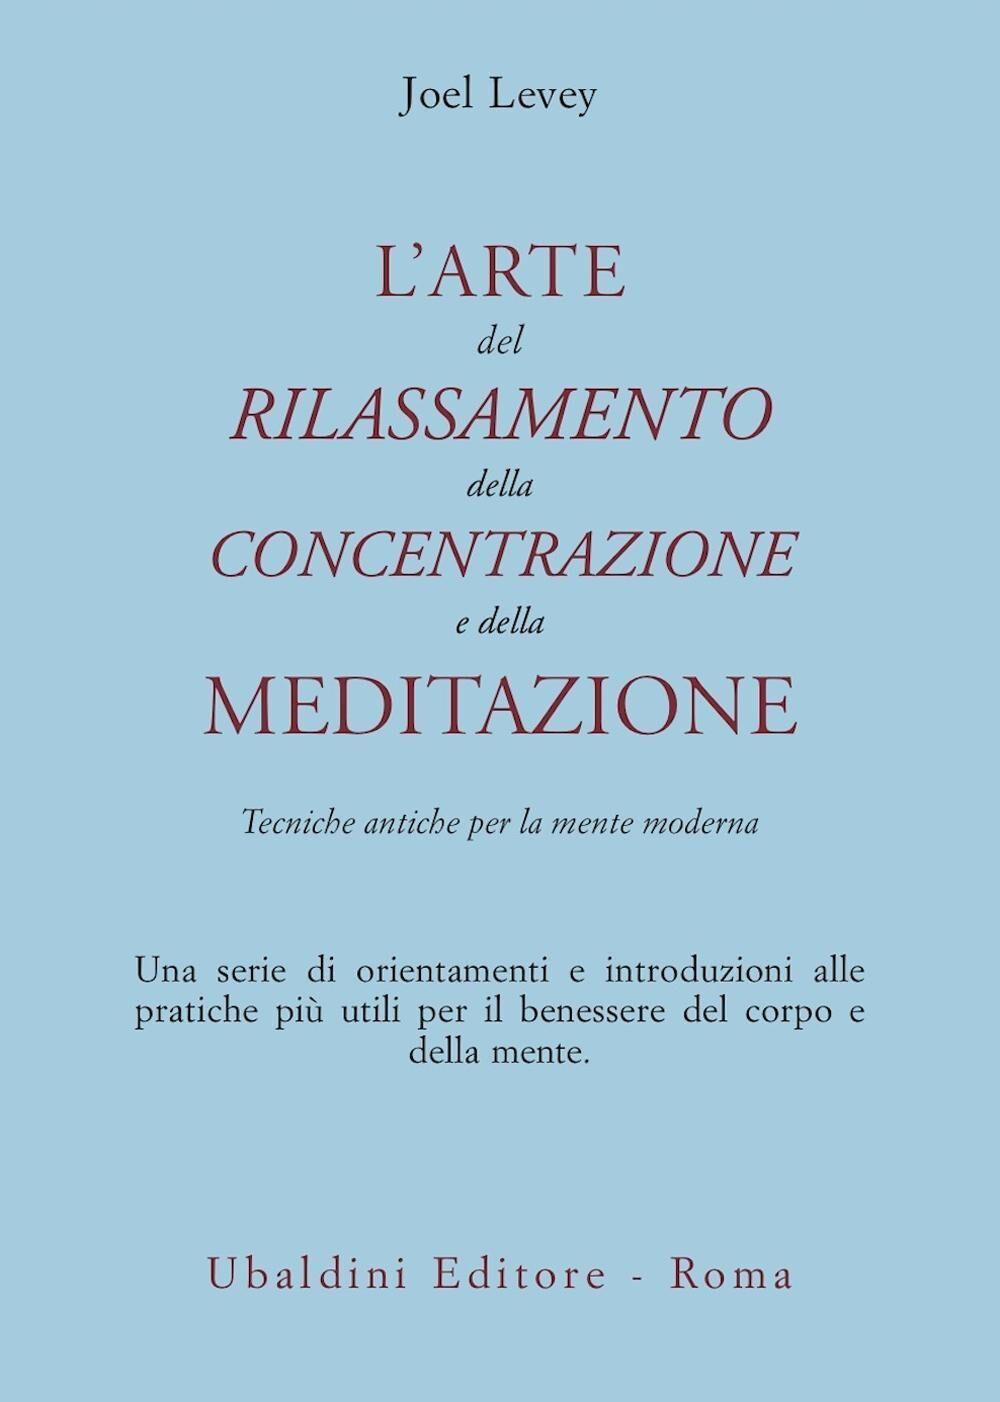 L' arte del rilassamento, della concentrazione e della meditazione. Tecniche antiche per la mente moderna